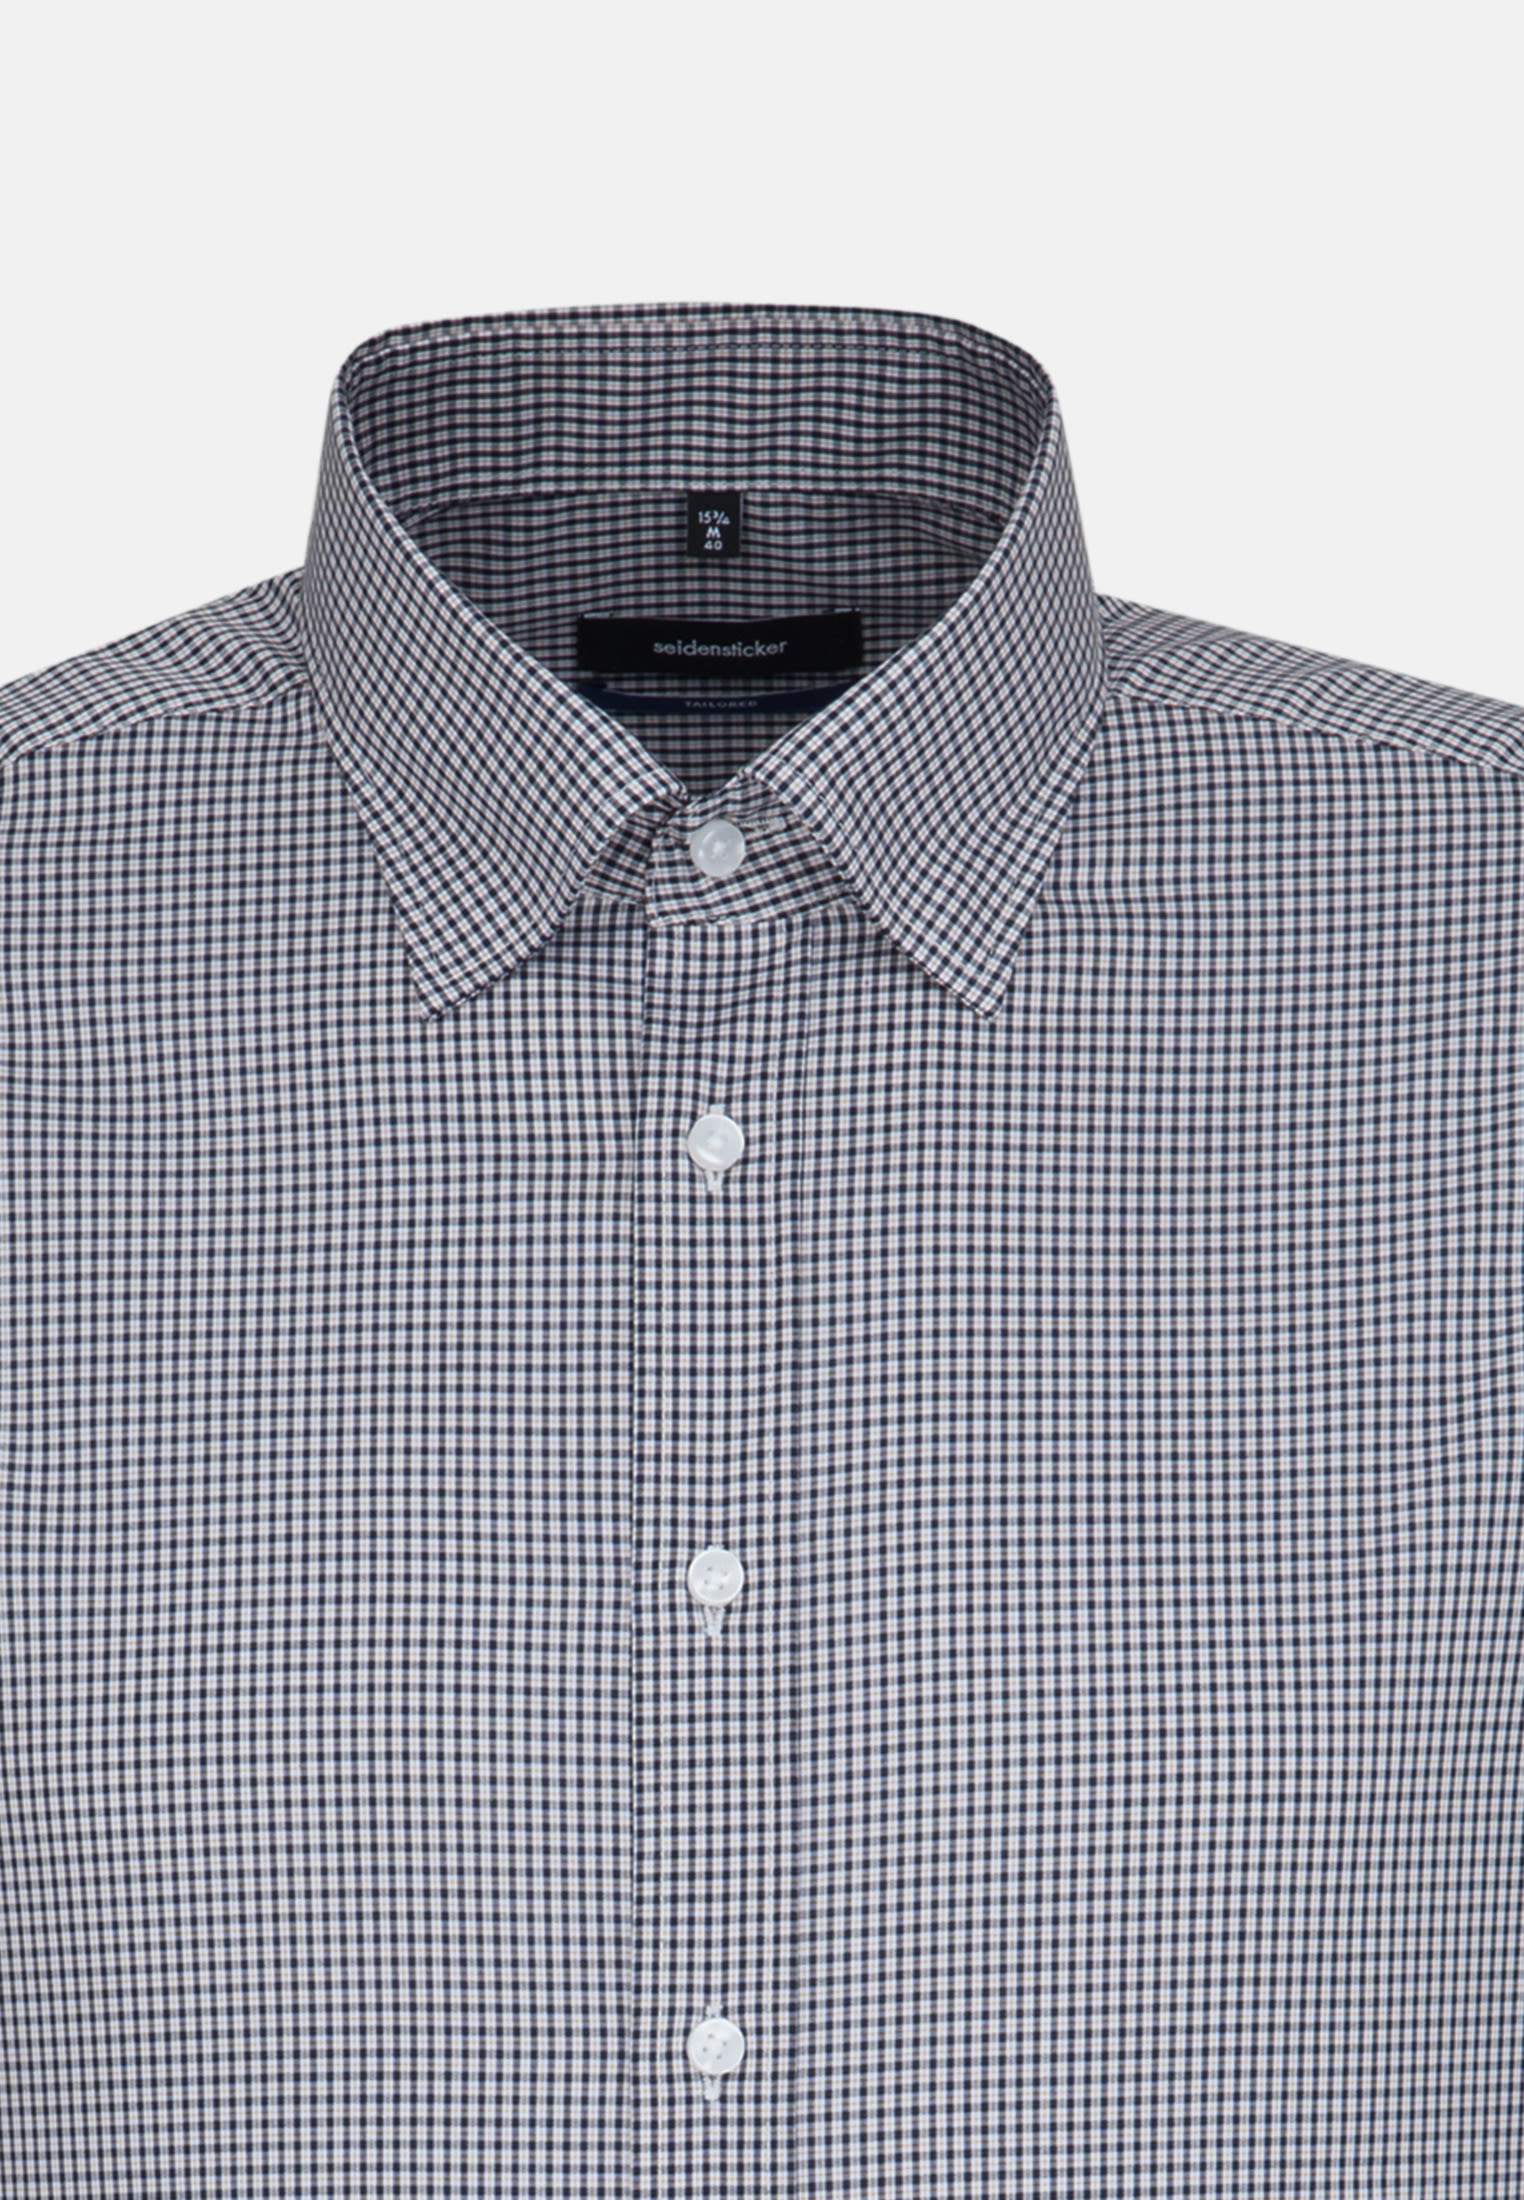 Bügelfreies Popeline Business Hemd in Shaped mit Covered-Button-Down-Kragen in Orange |  Seidensticker Onlineshop